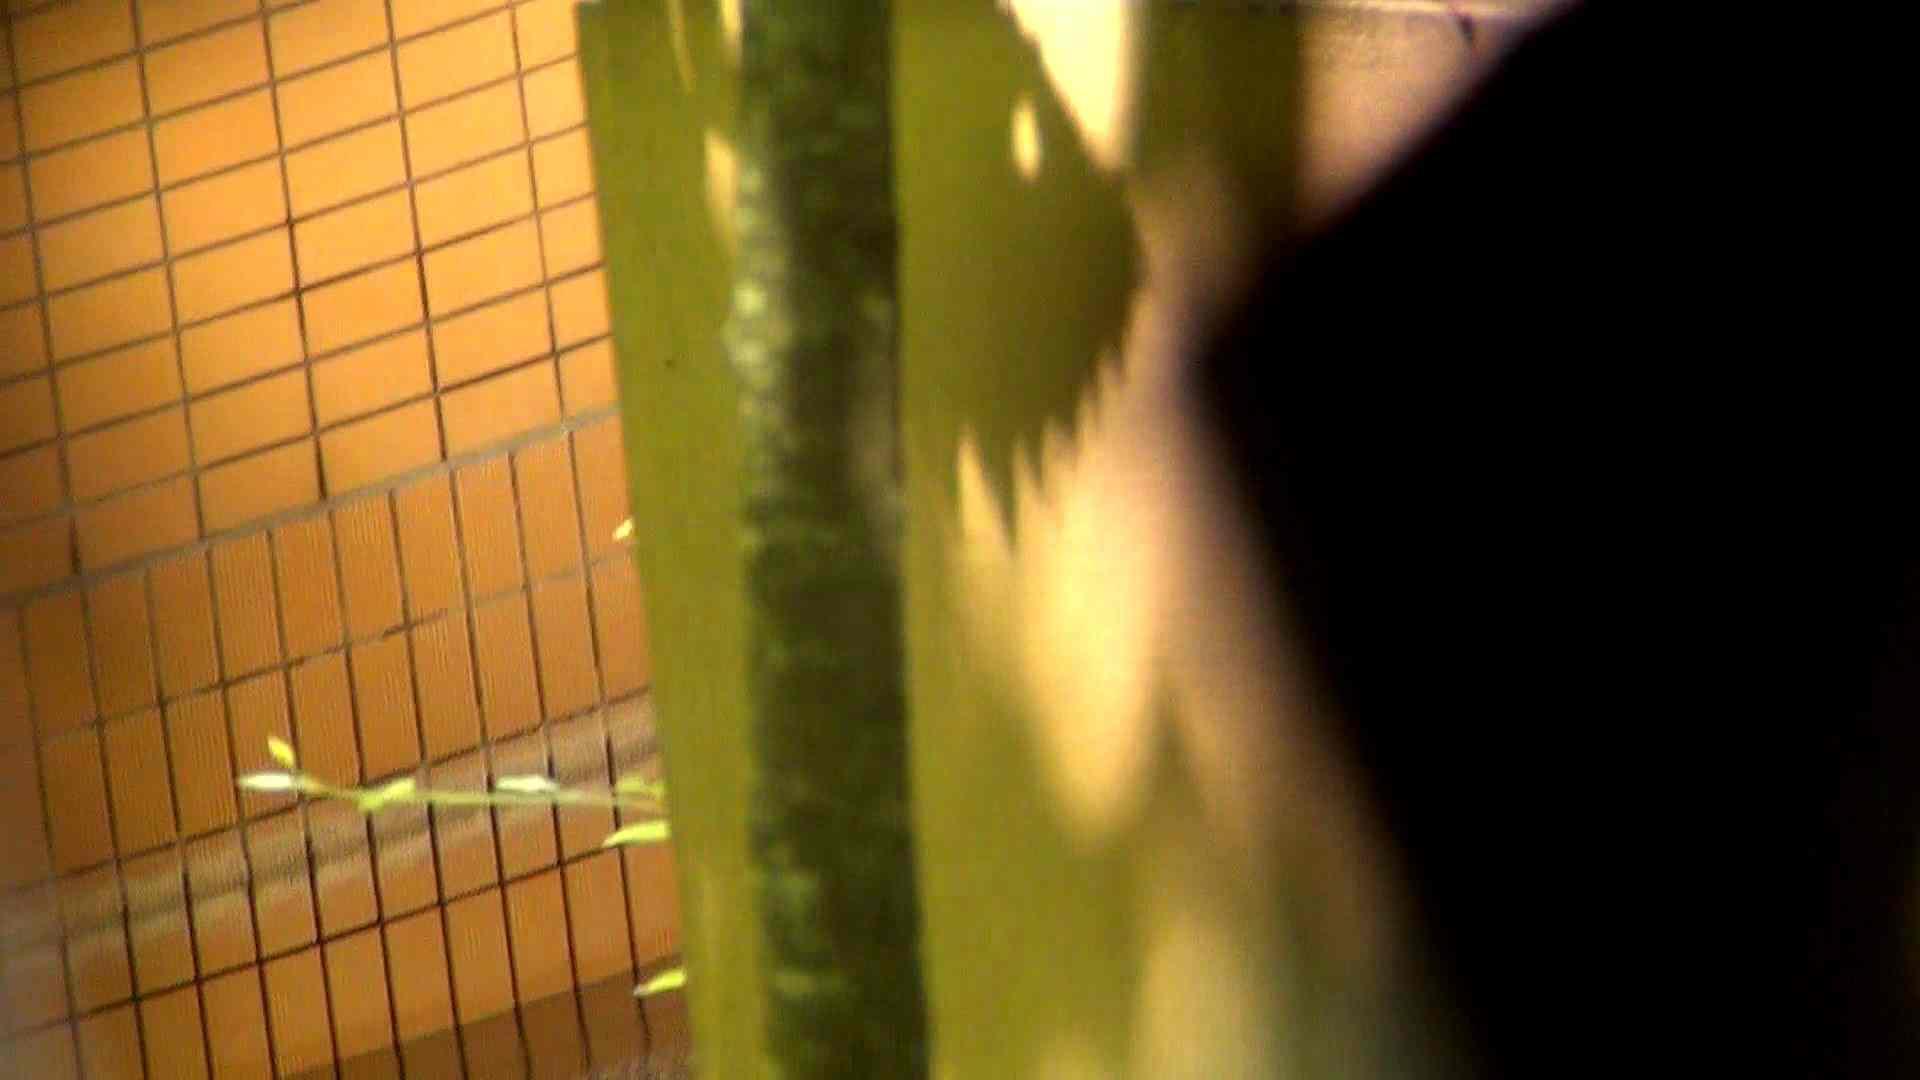 Vol.37 オデブと妊婦とokaasann 潜伏露天風呂 盗撮ワレメ無修正動画無料 61pic 35